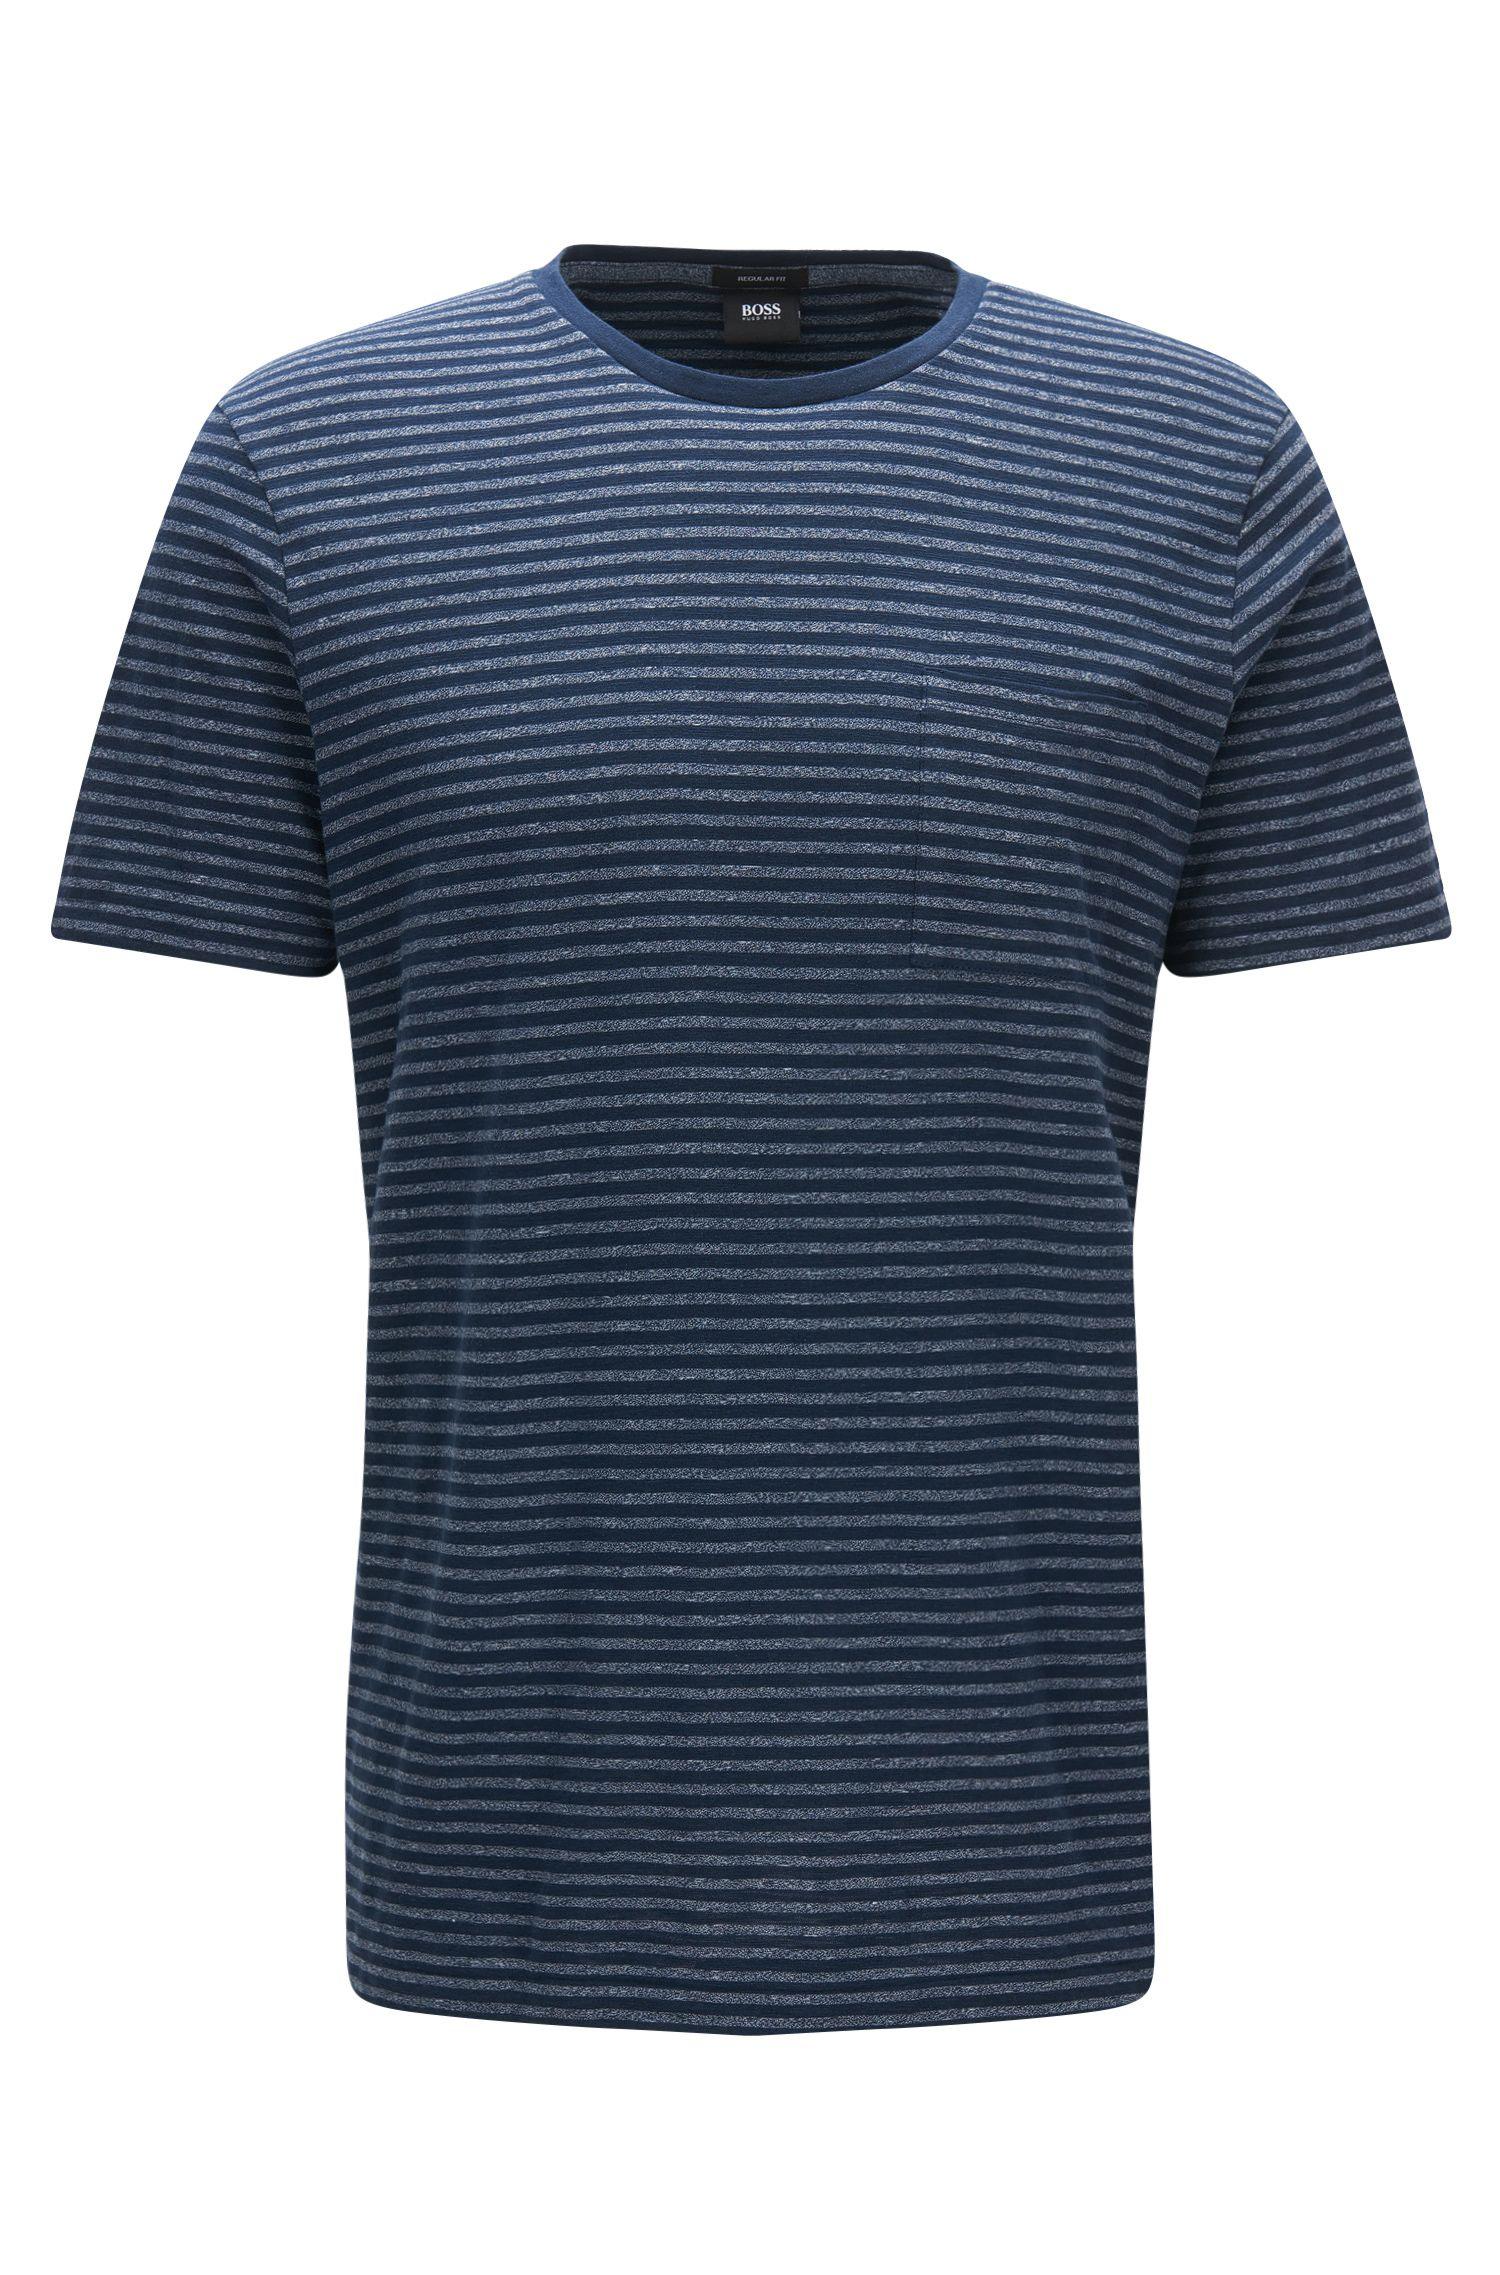 T-shirt Regular Fit en coton mélangé mouliné, à motif rayé